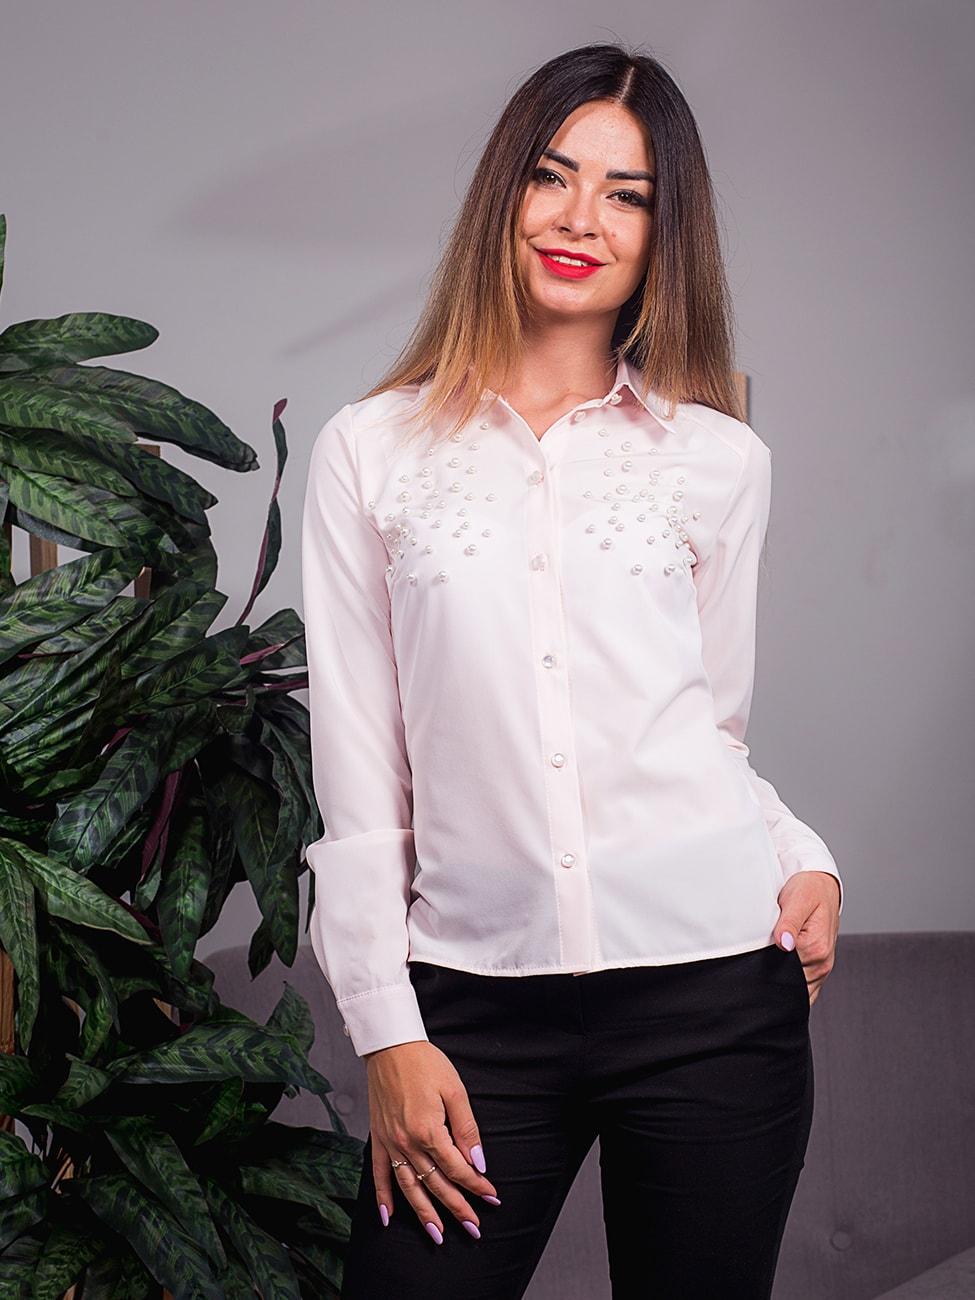 396d76b7470803 Легка блуза, прикрашена перлинами. Арт.2415